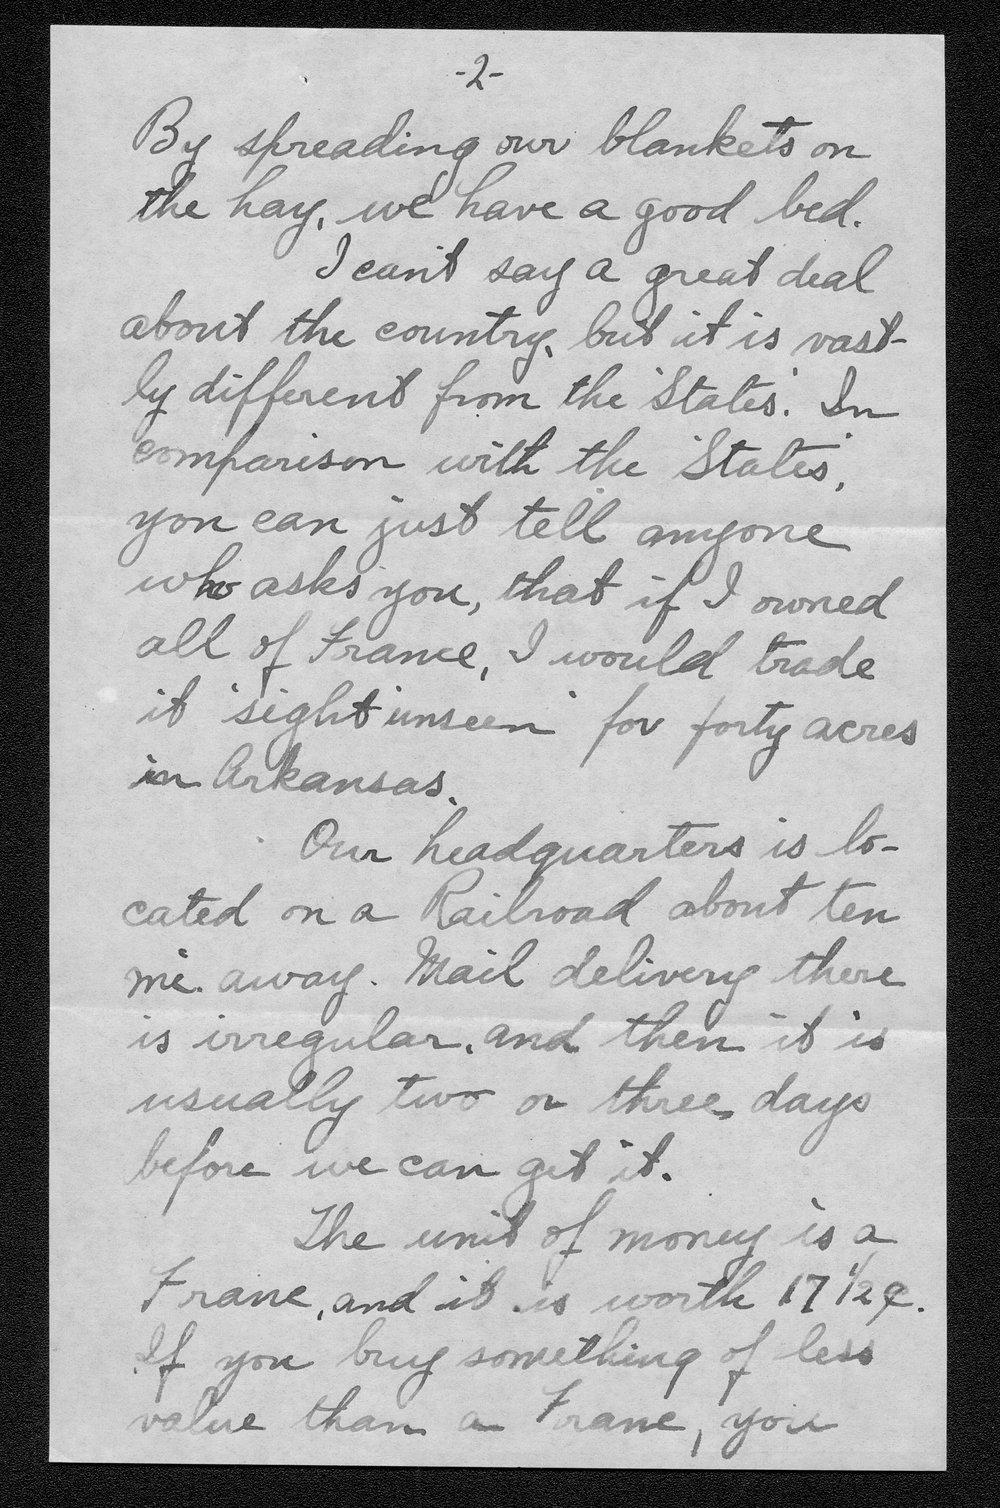 Samuel D. Russell, World War I soldier - 7